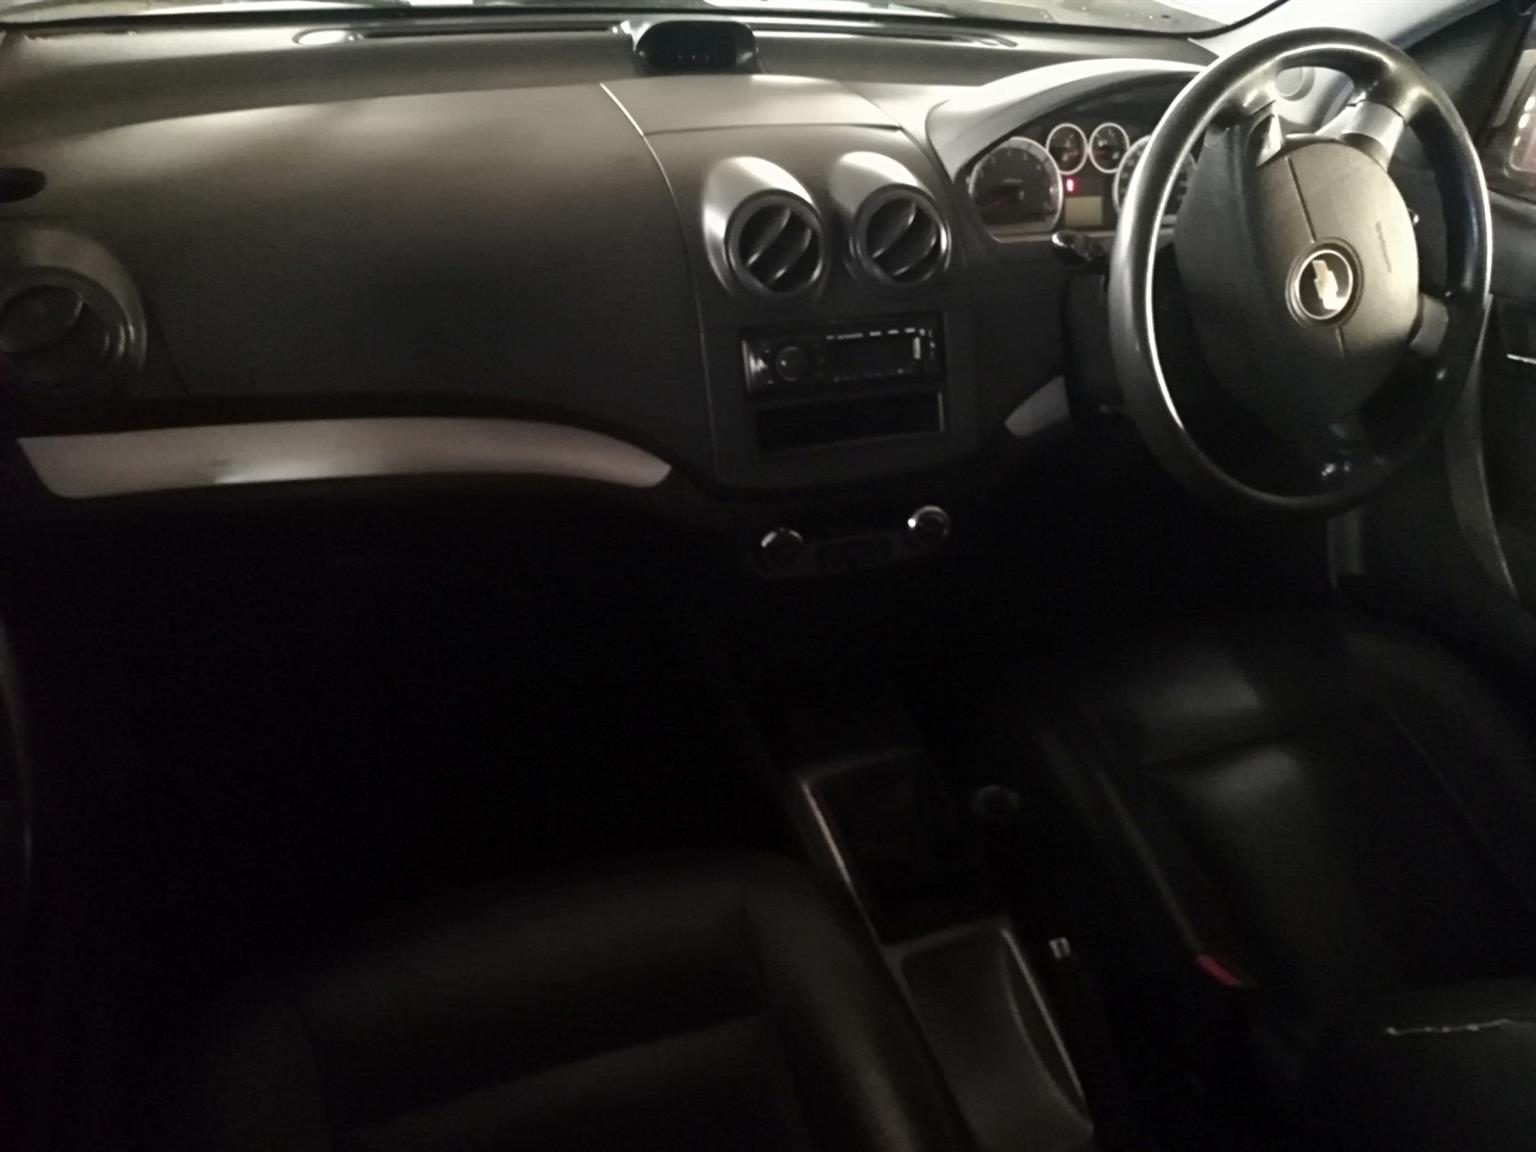 2009 Chevrolet Aveo 1.6 LT sedan